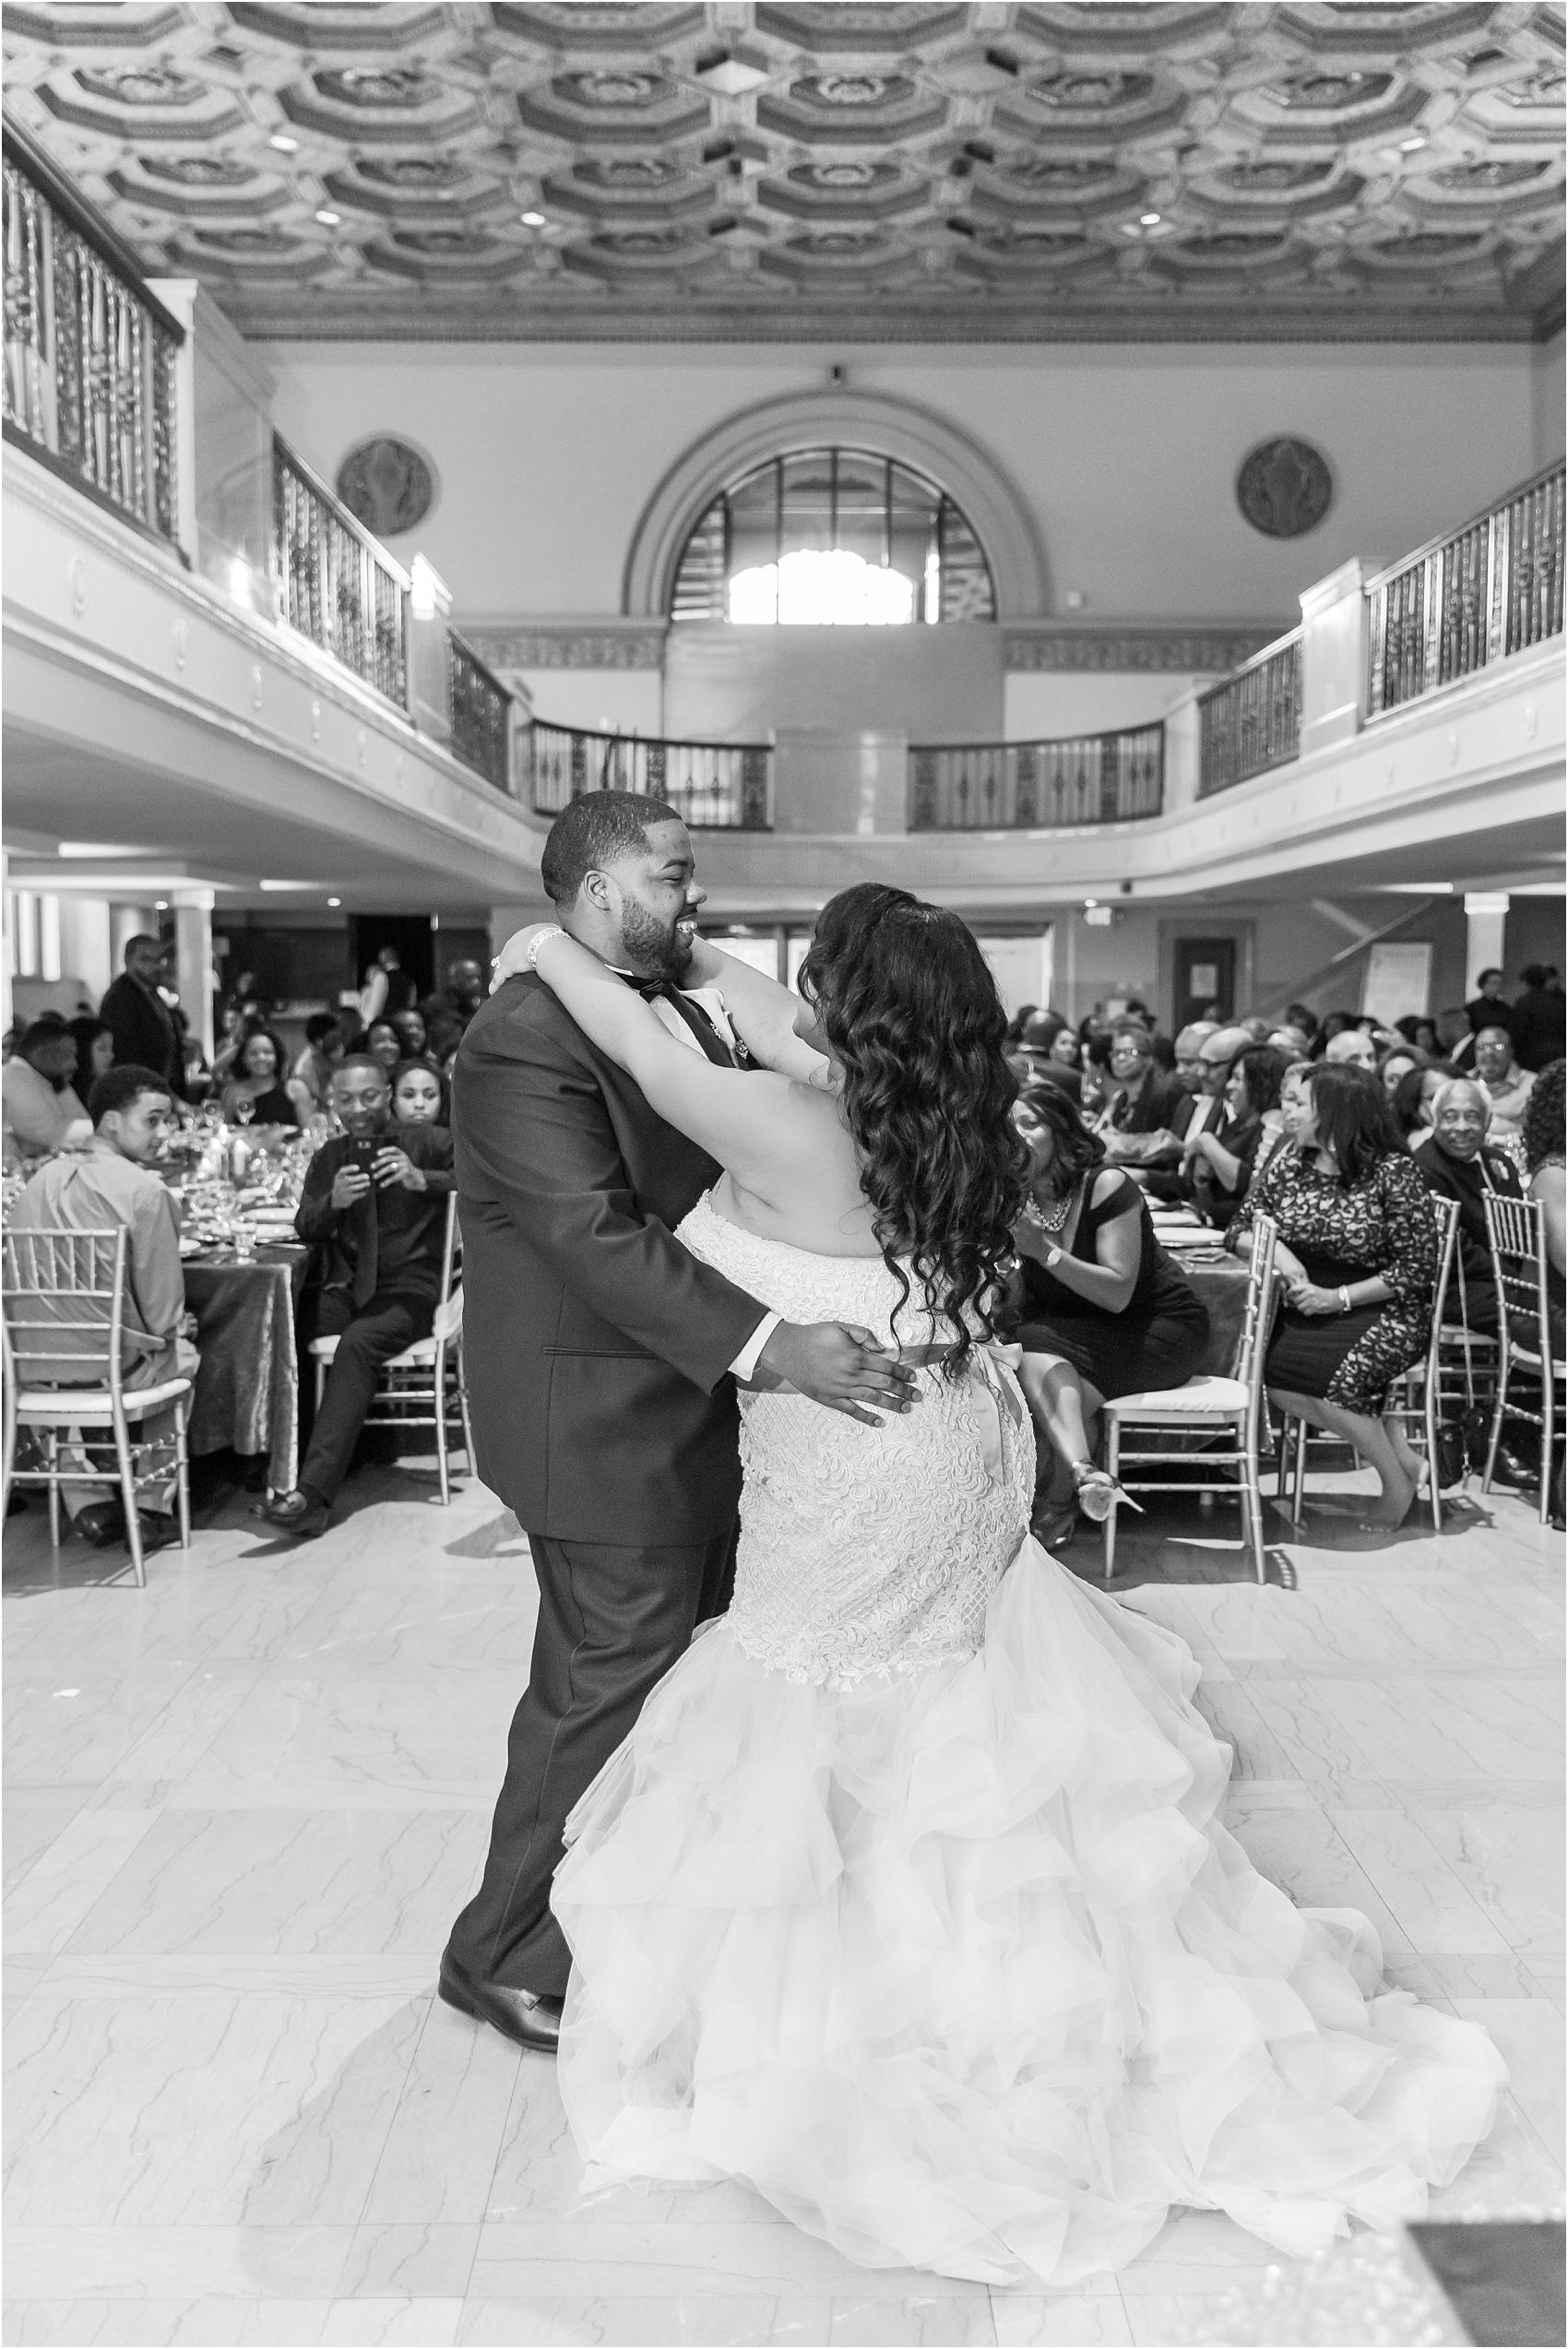 minimalist-and-modern-wedding-photos-at-30-north-saginaw-in-pontiac-michigan-by-courtney-carolyn-photography_0077.jpg